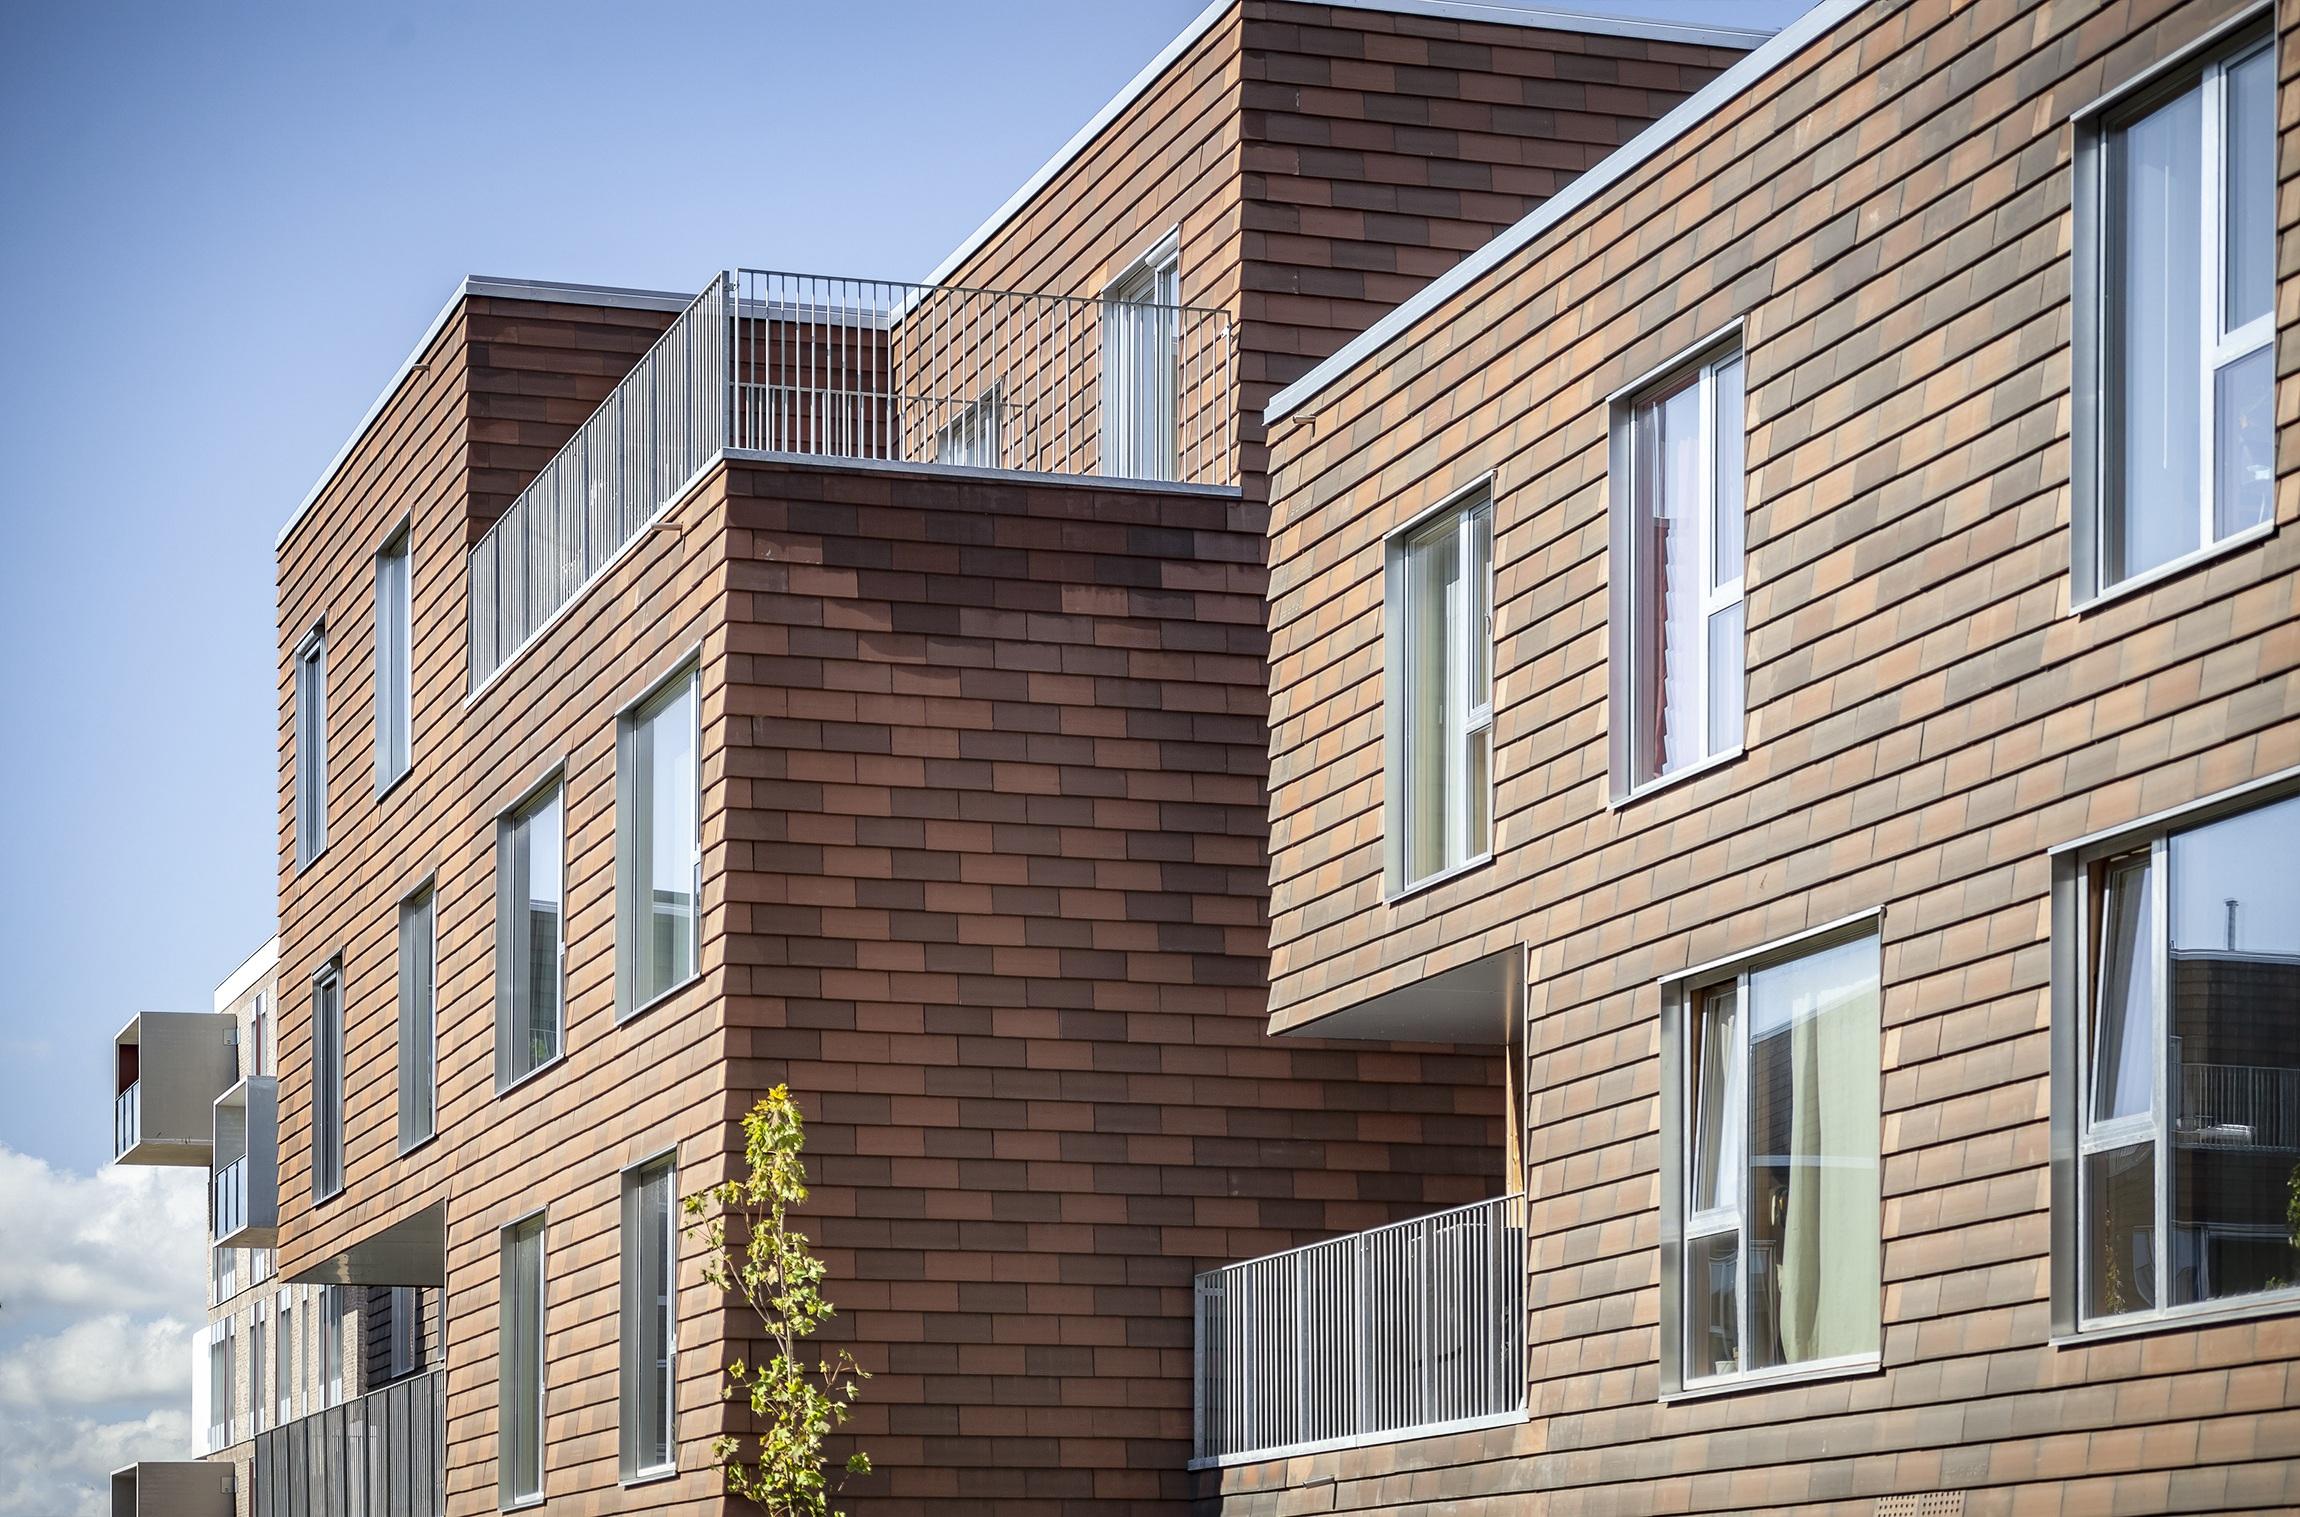 architect prefabricated housing general housing plus arkitekt ONV arkitekter præfabrikeret bolig almen bolig plus koncept præfab bolig arenakvarteret København